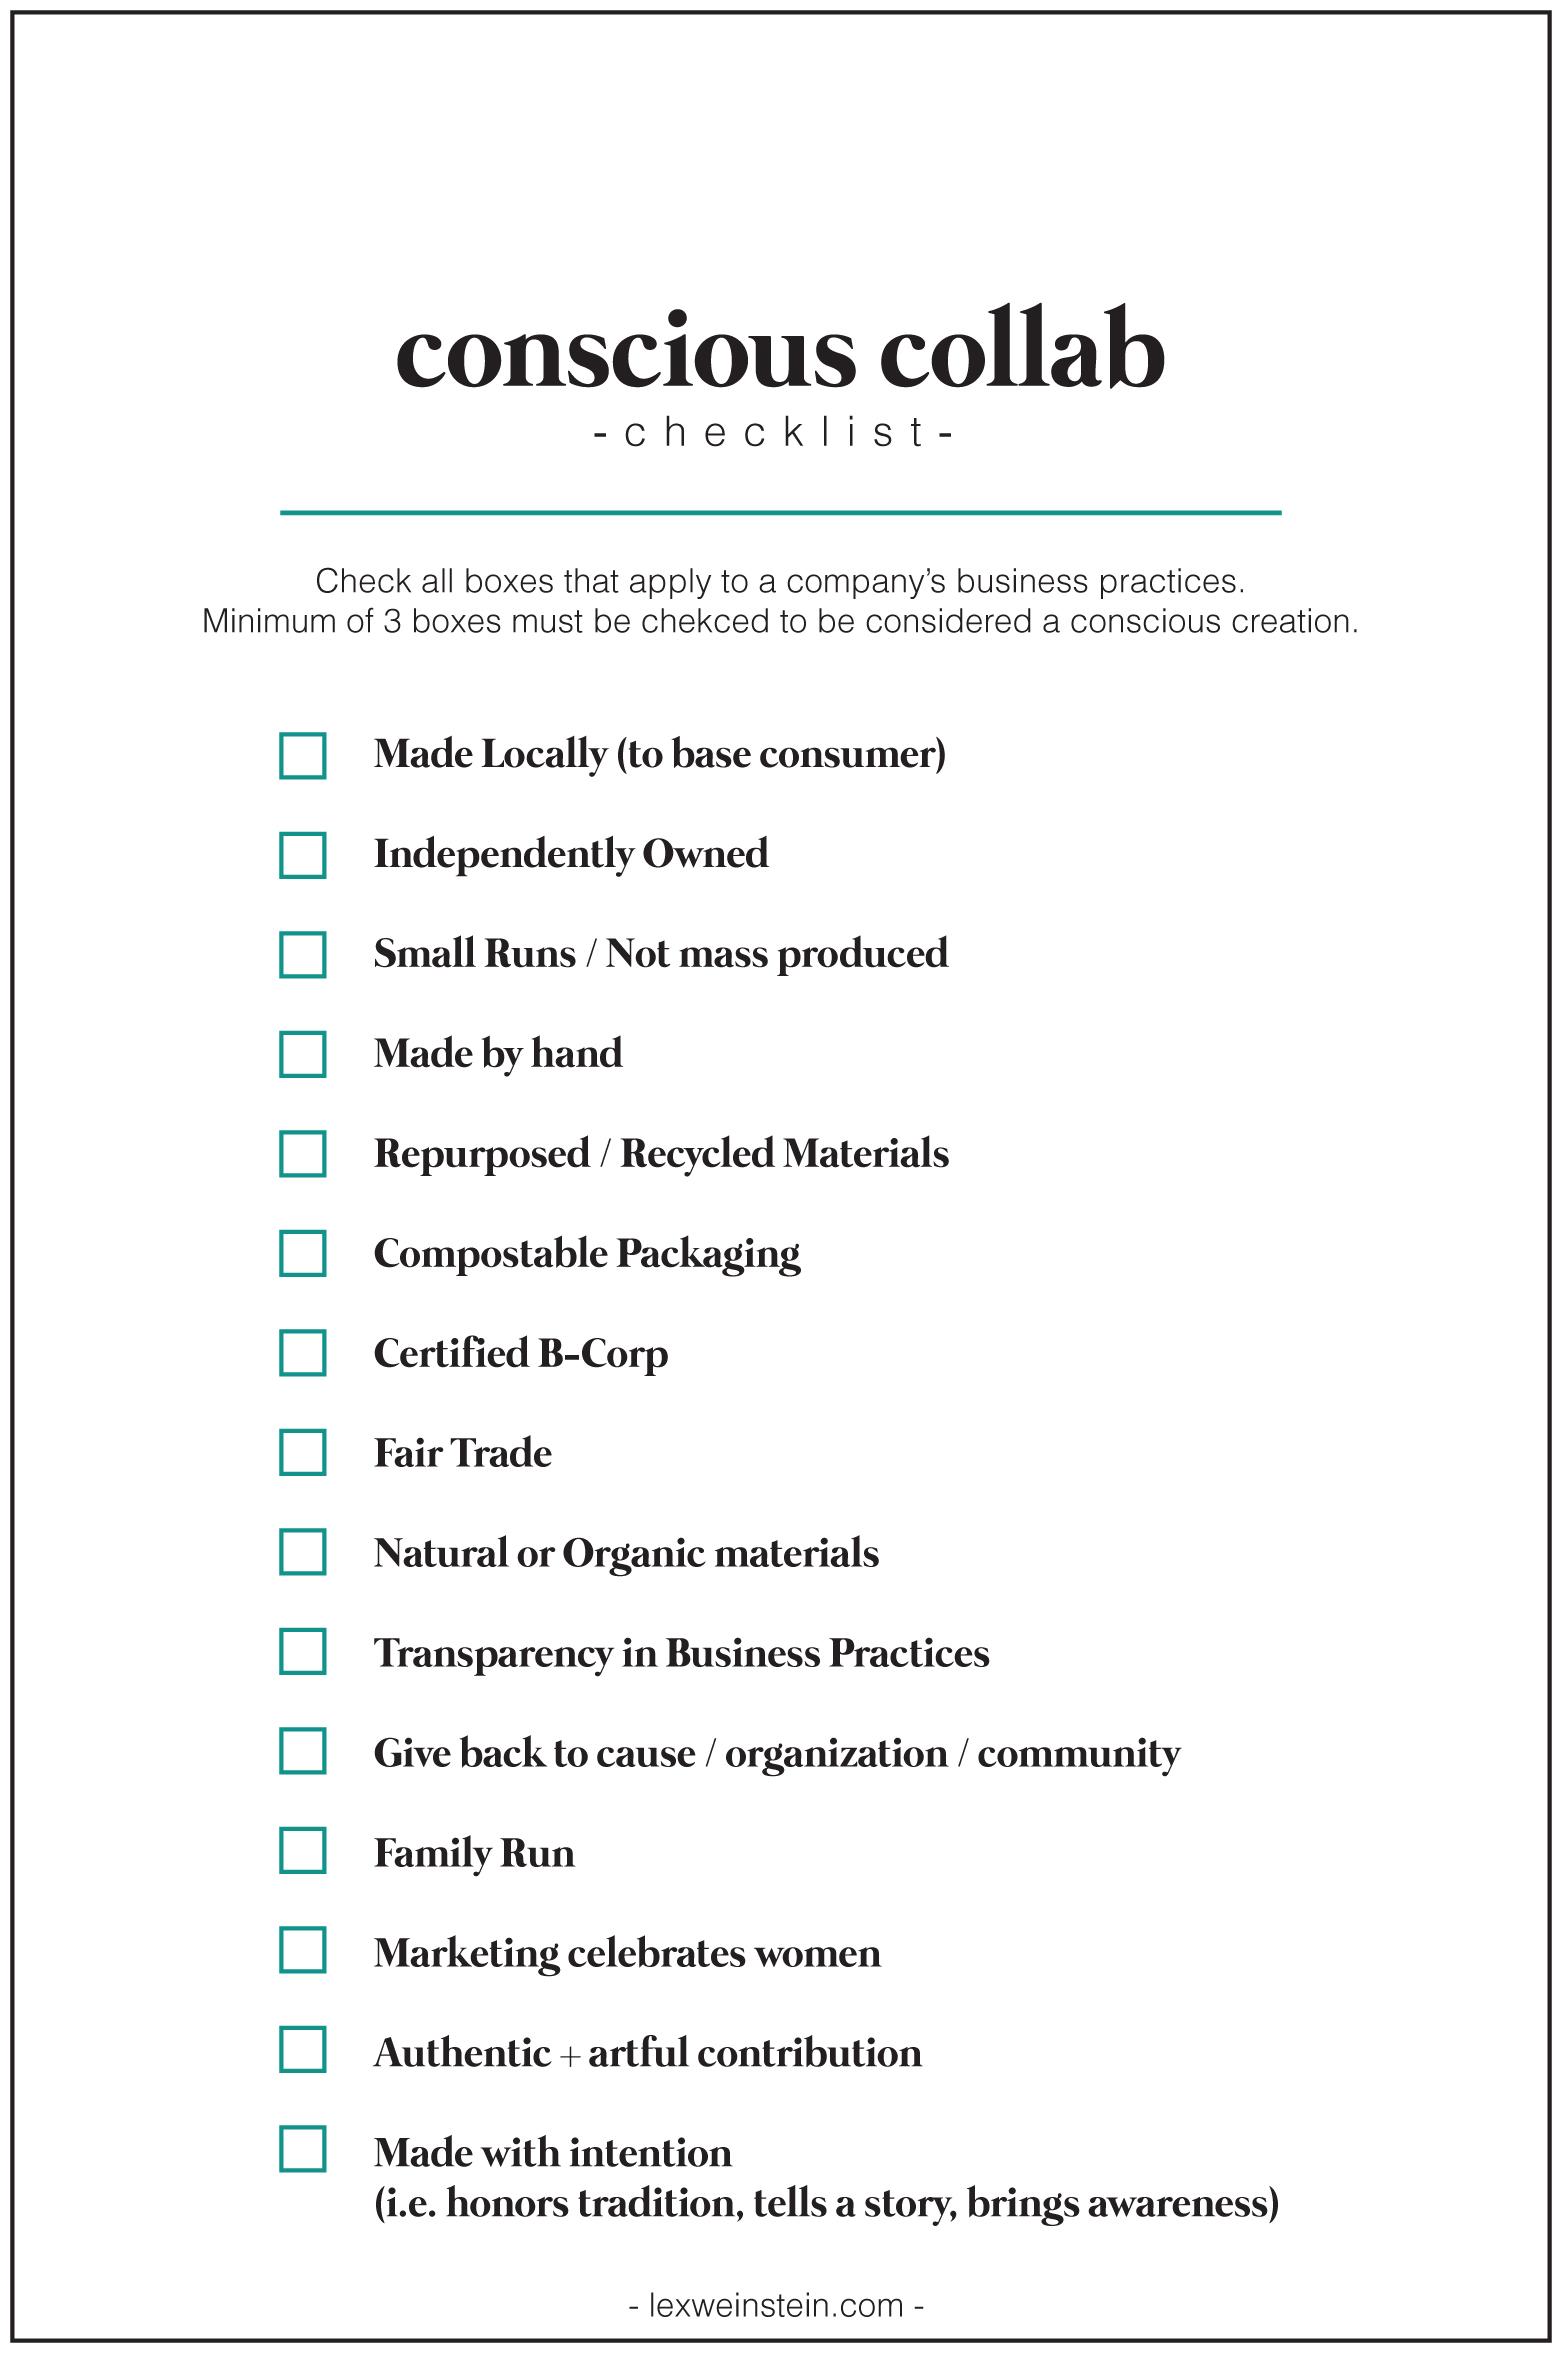 conscious collab checklist.jpg